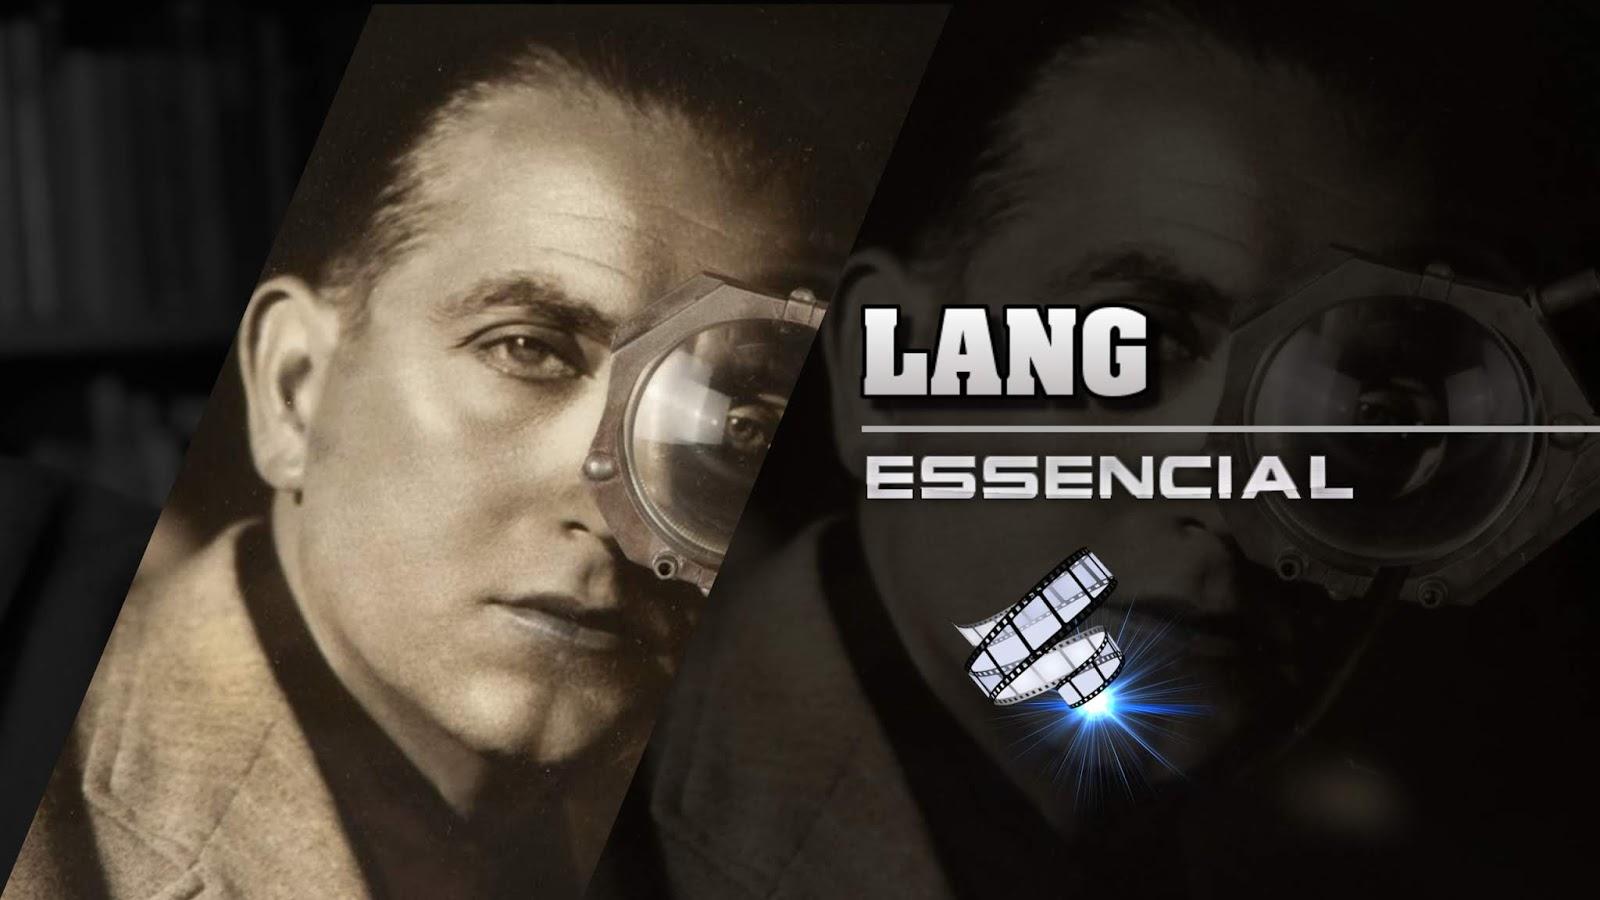 fritz-lang-10-filmes-essenciais